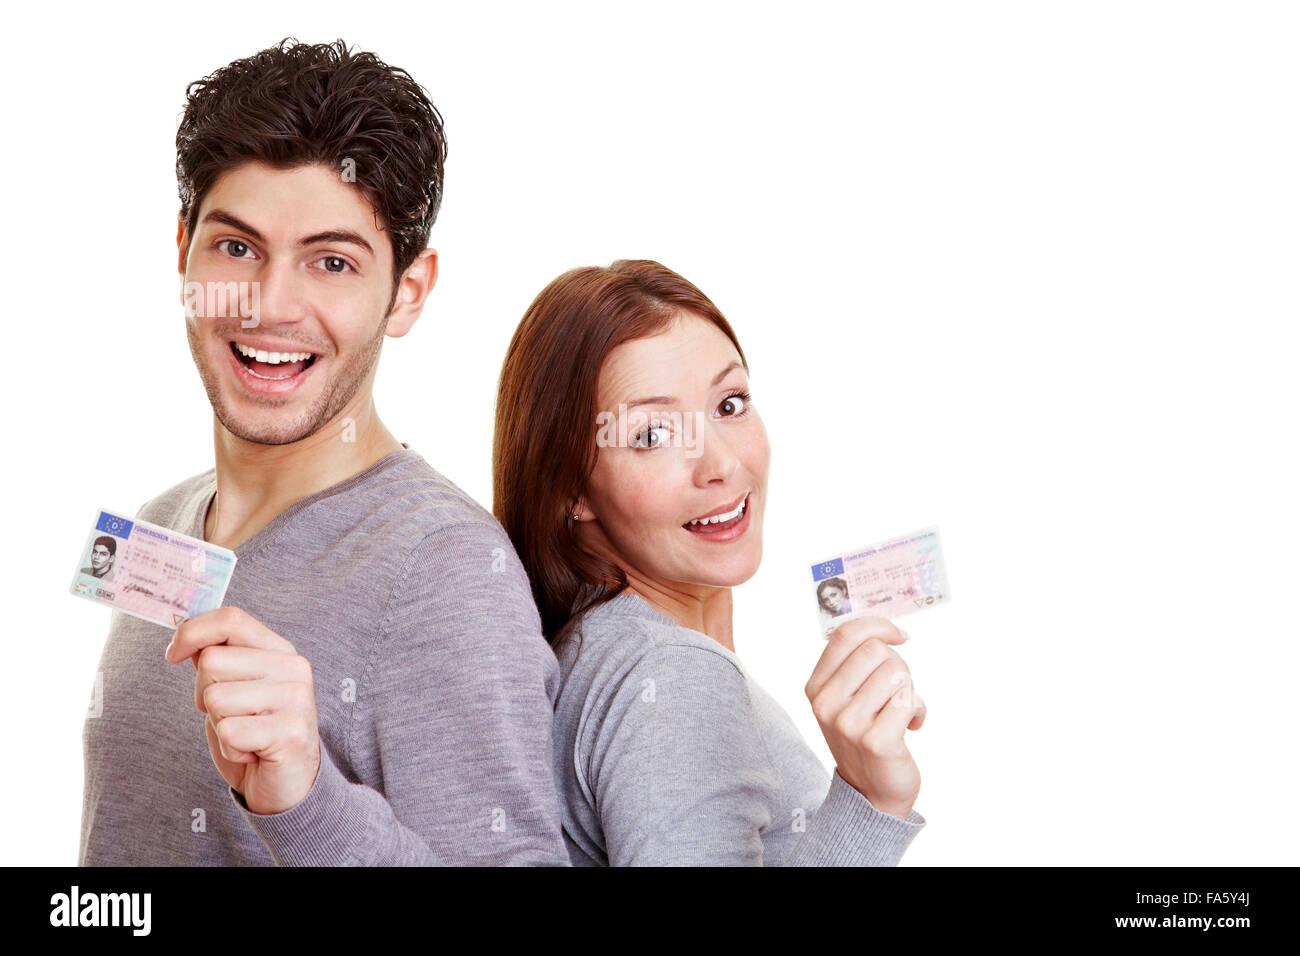 Dos jóvenes adultos con orgullo su licencia de conductores europeos Imagen De Stock